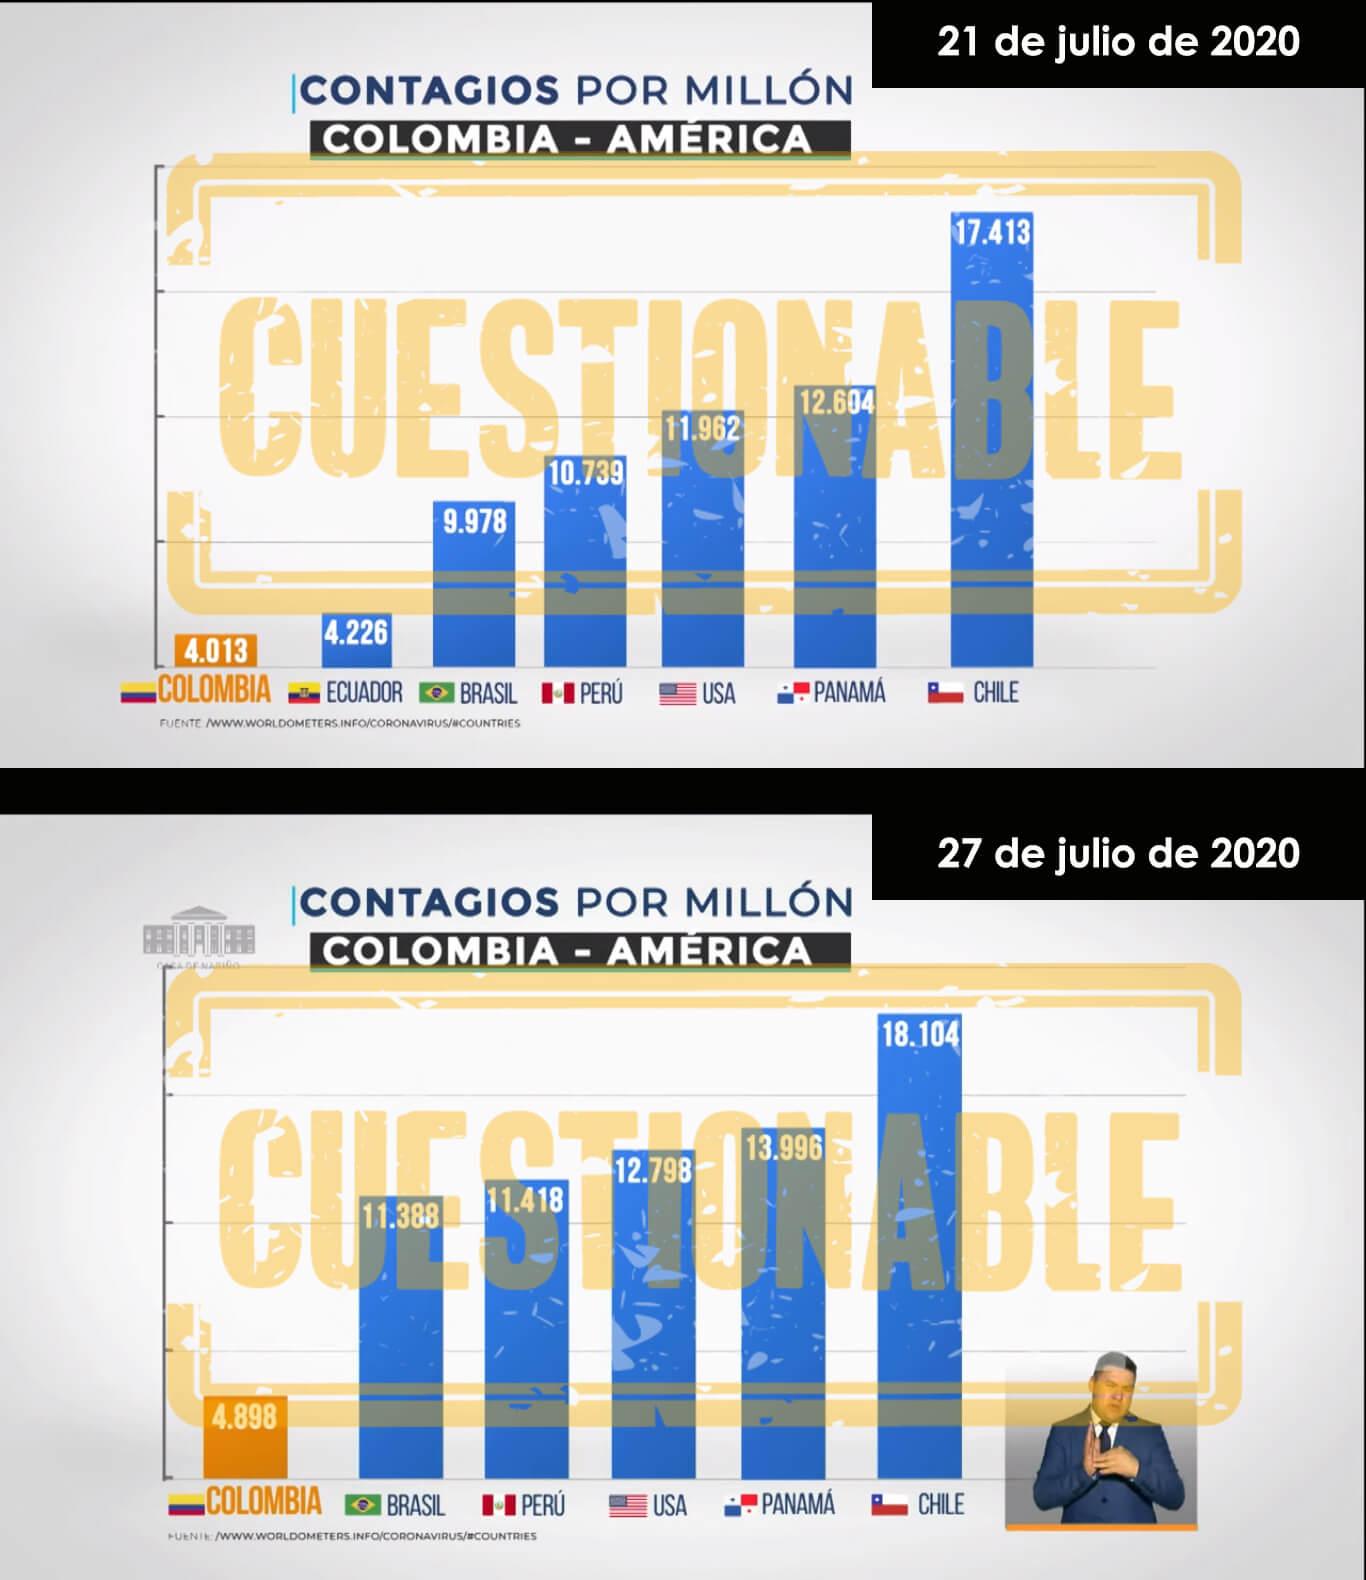 Gráficos de casos COVID-19 por millón de habitantes por países en Prevención y Acción el 21 y 27 de julio de 2020